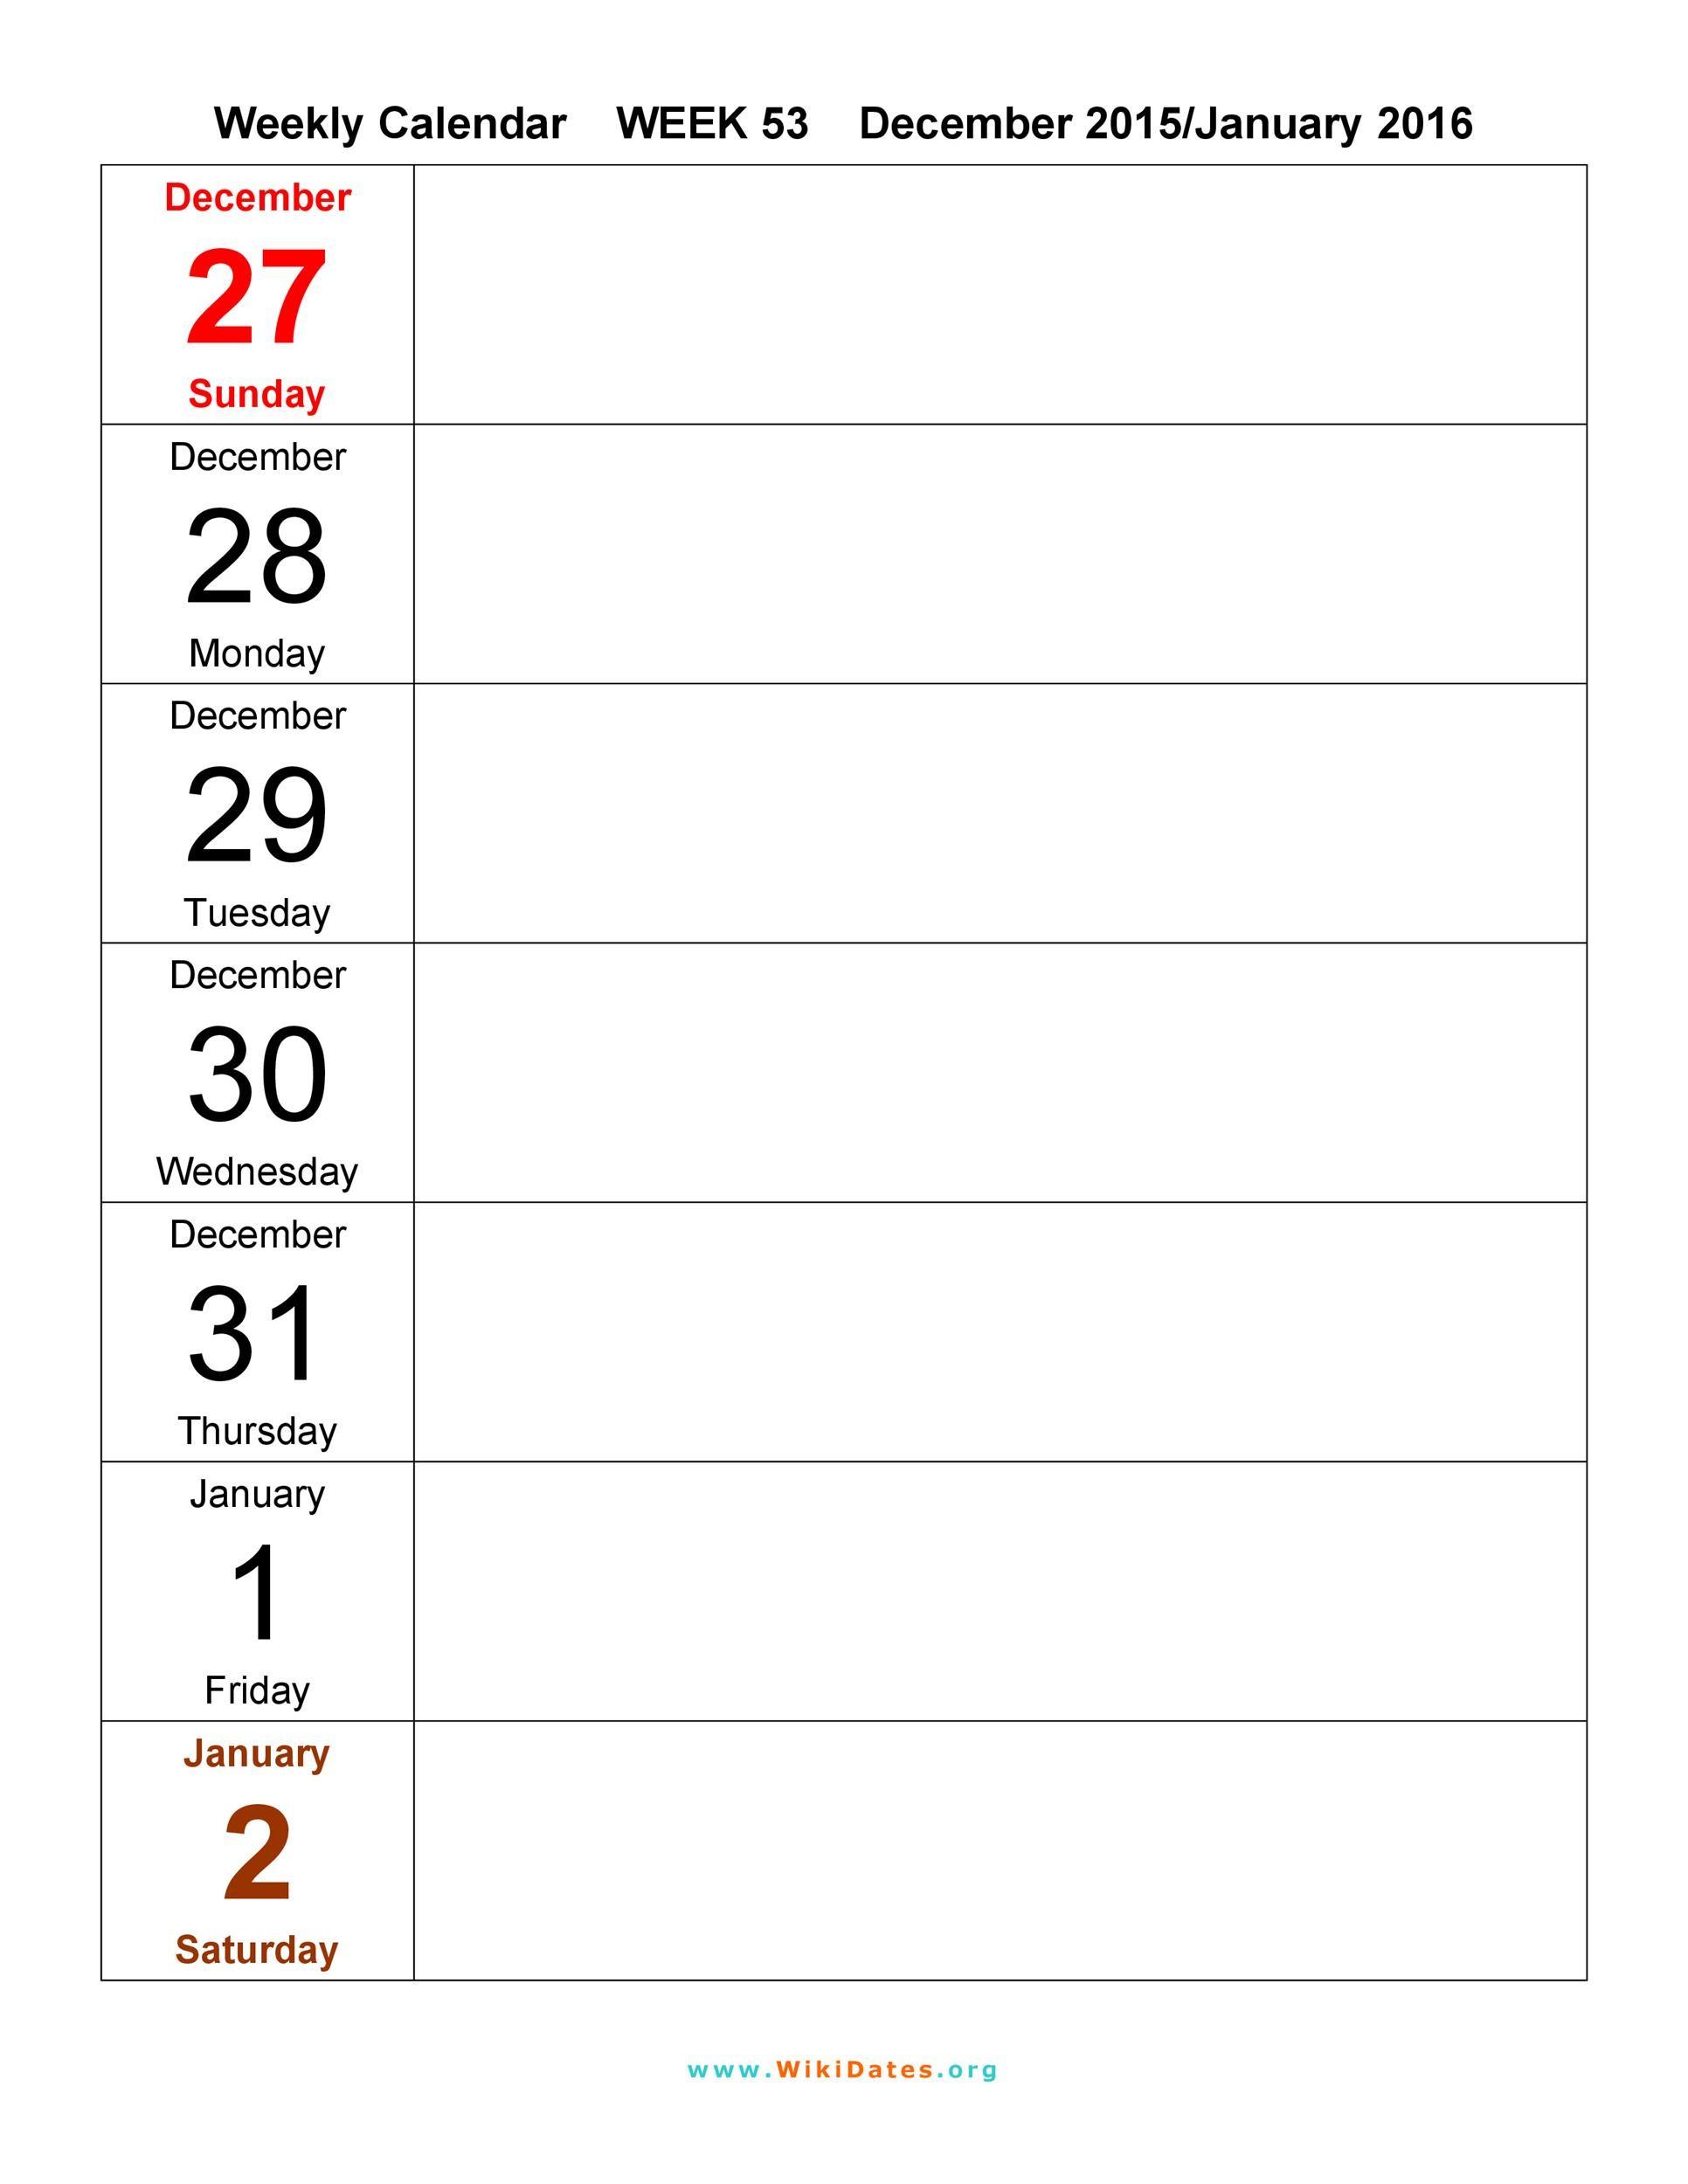 Free weekly calendar template 11